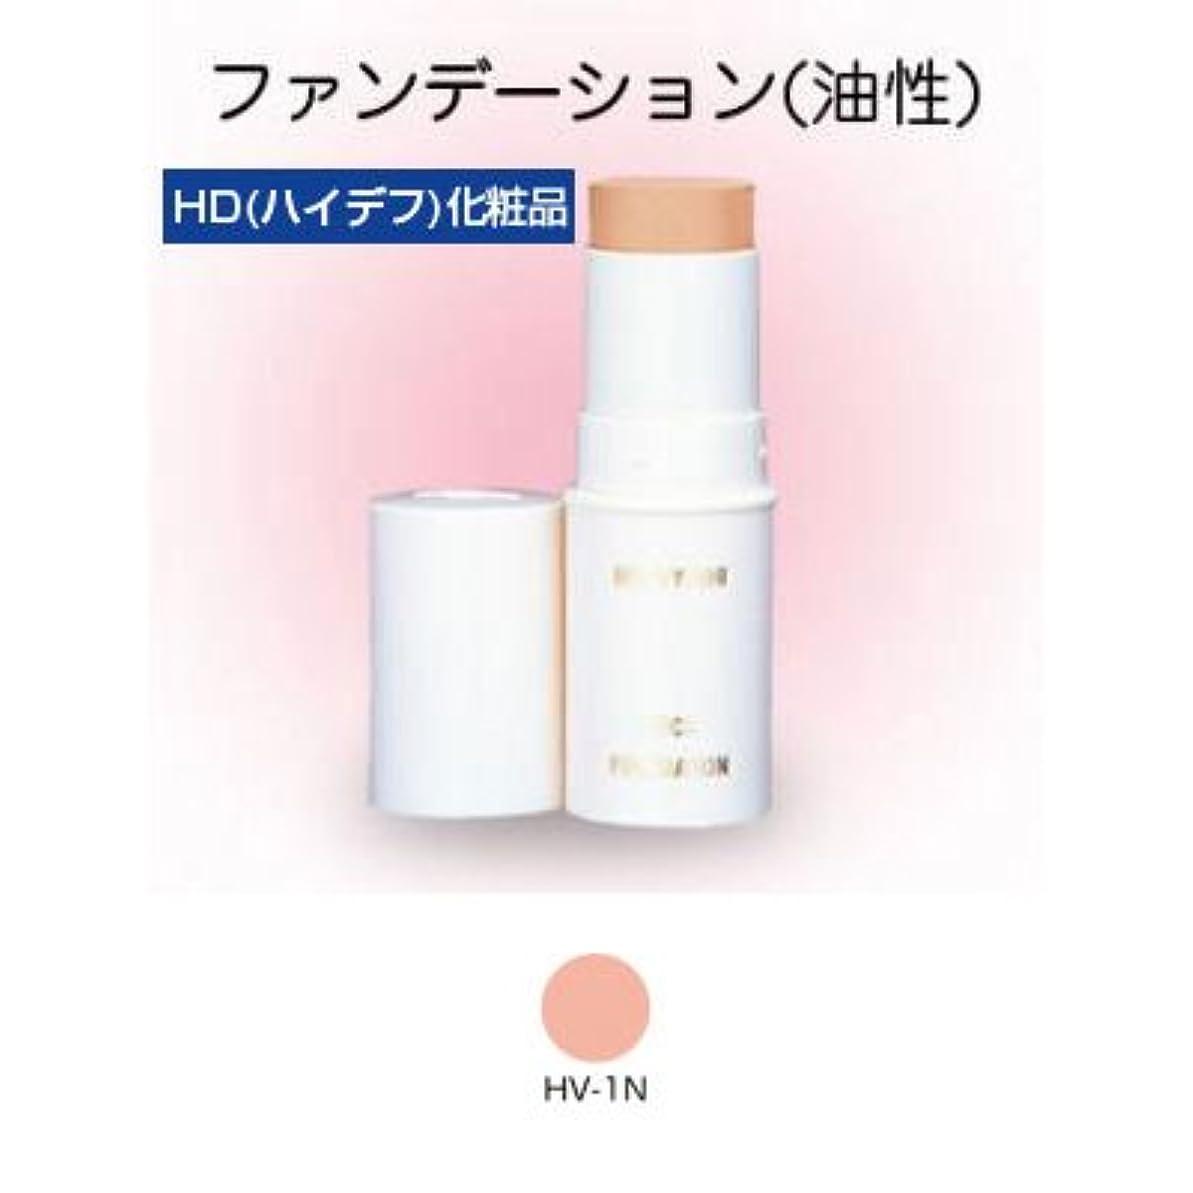 にはまって悪性の魅力スティックファンデーション HD化粧品 17g 1NY 【三善】